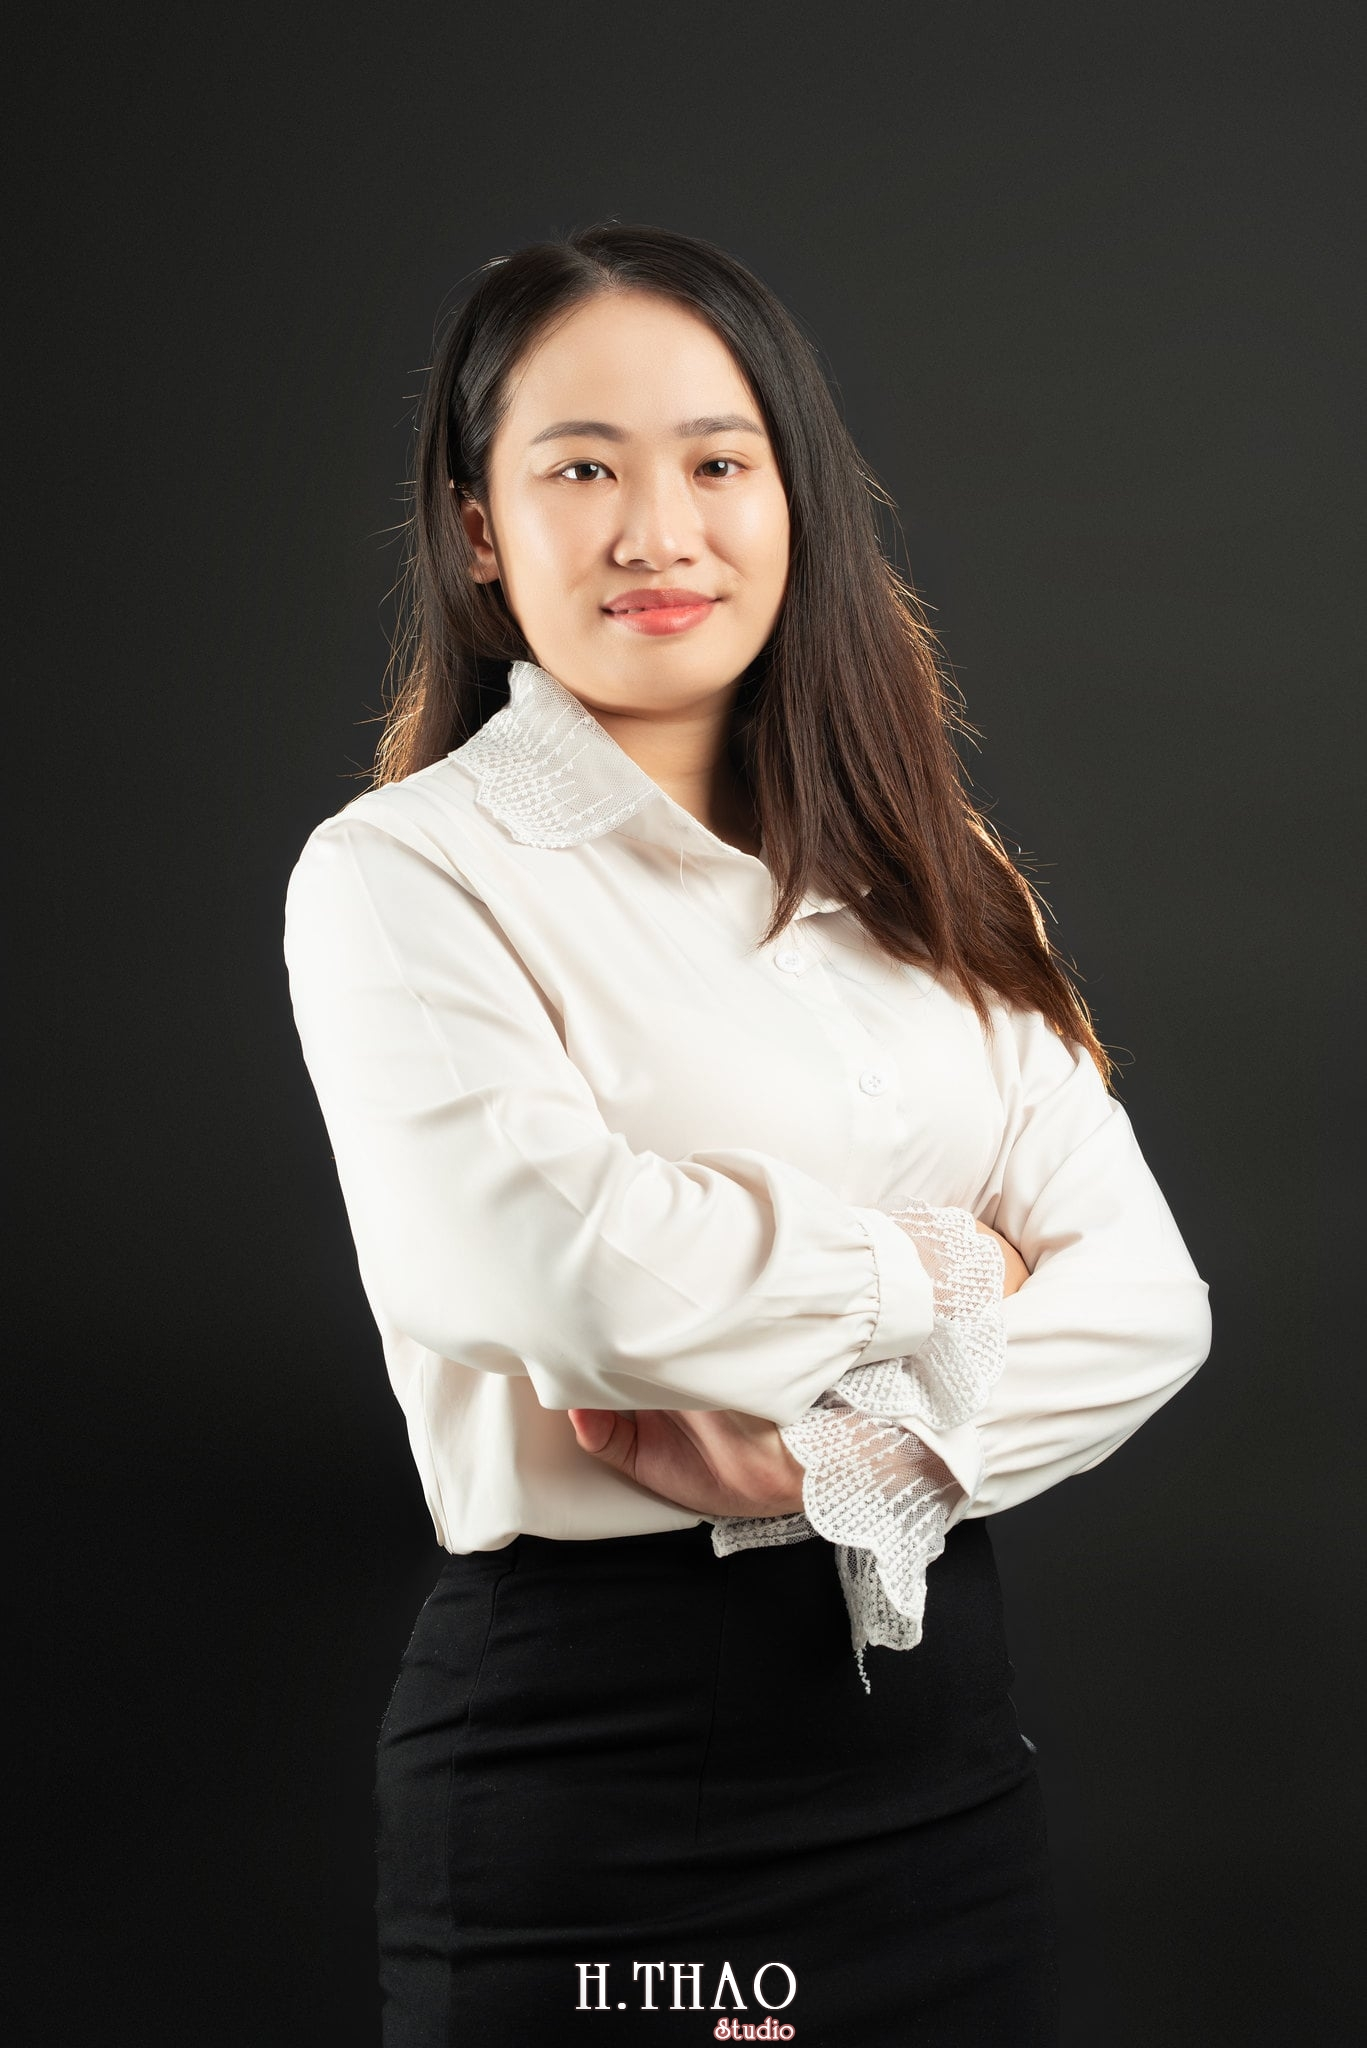 Ảnh profile nữ luật sư